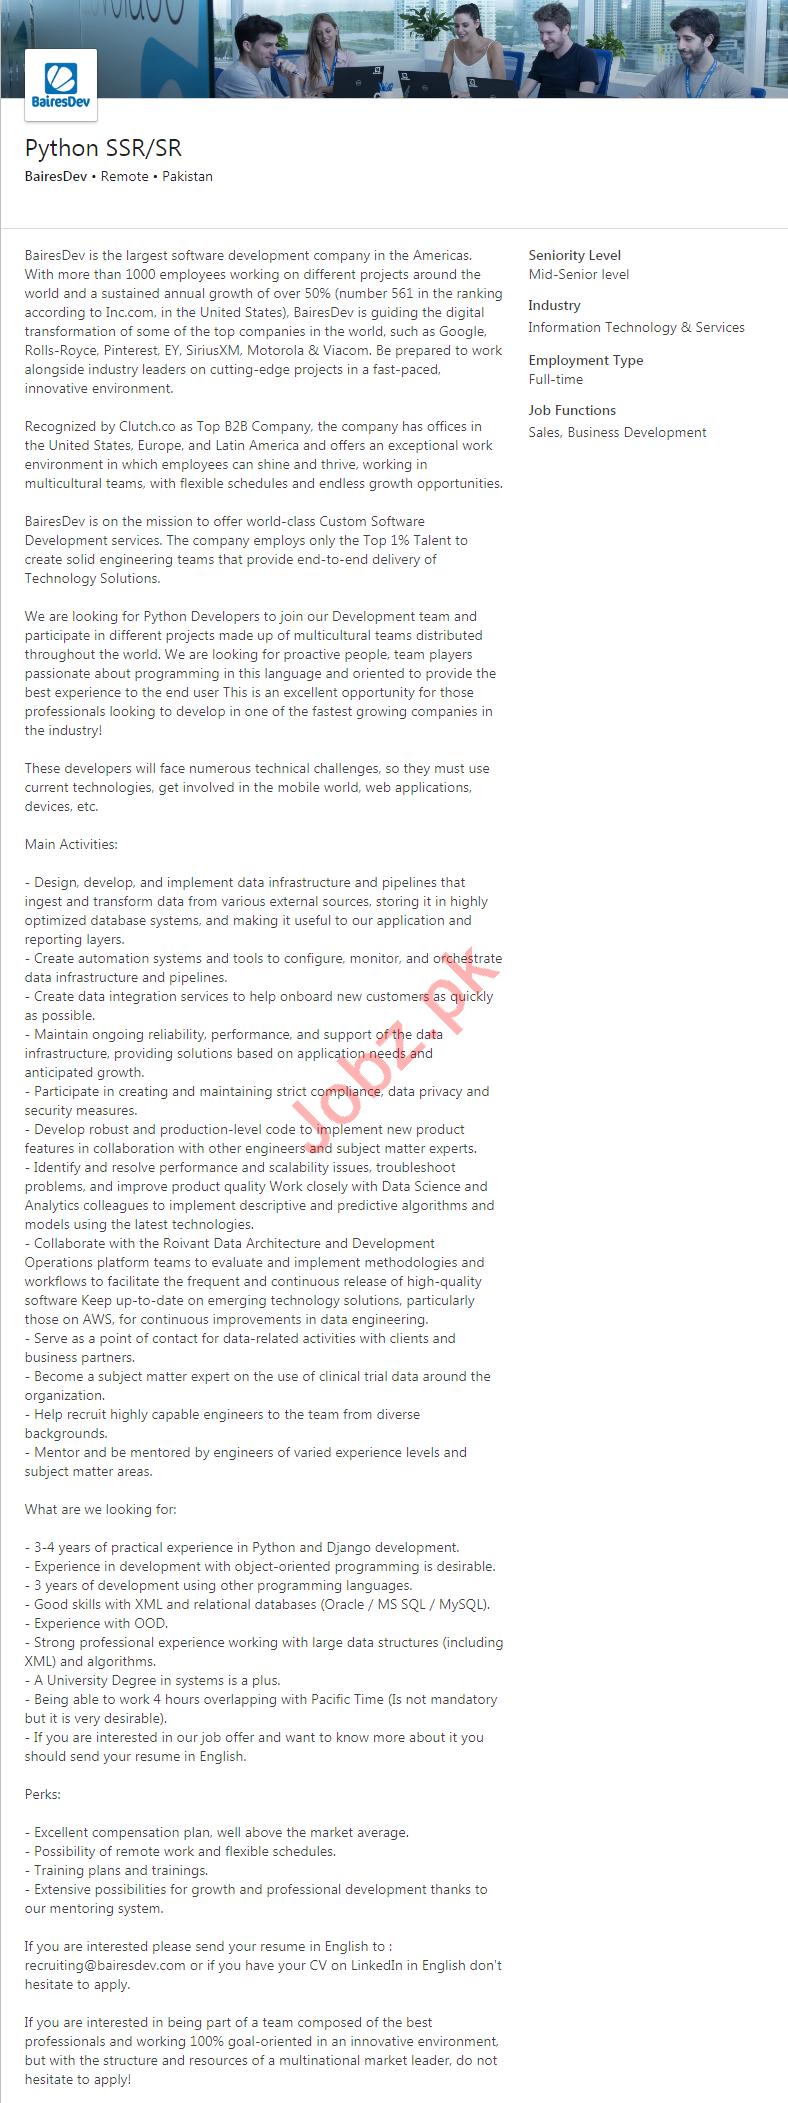 BairesDev Pakistan Jobs 2020 for Python Developer